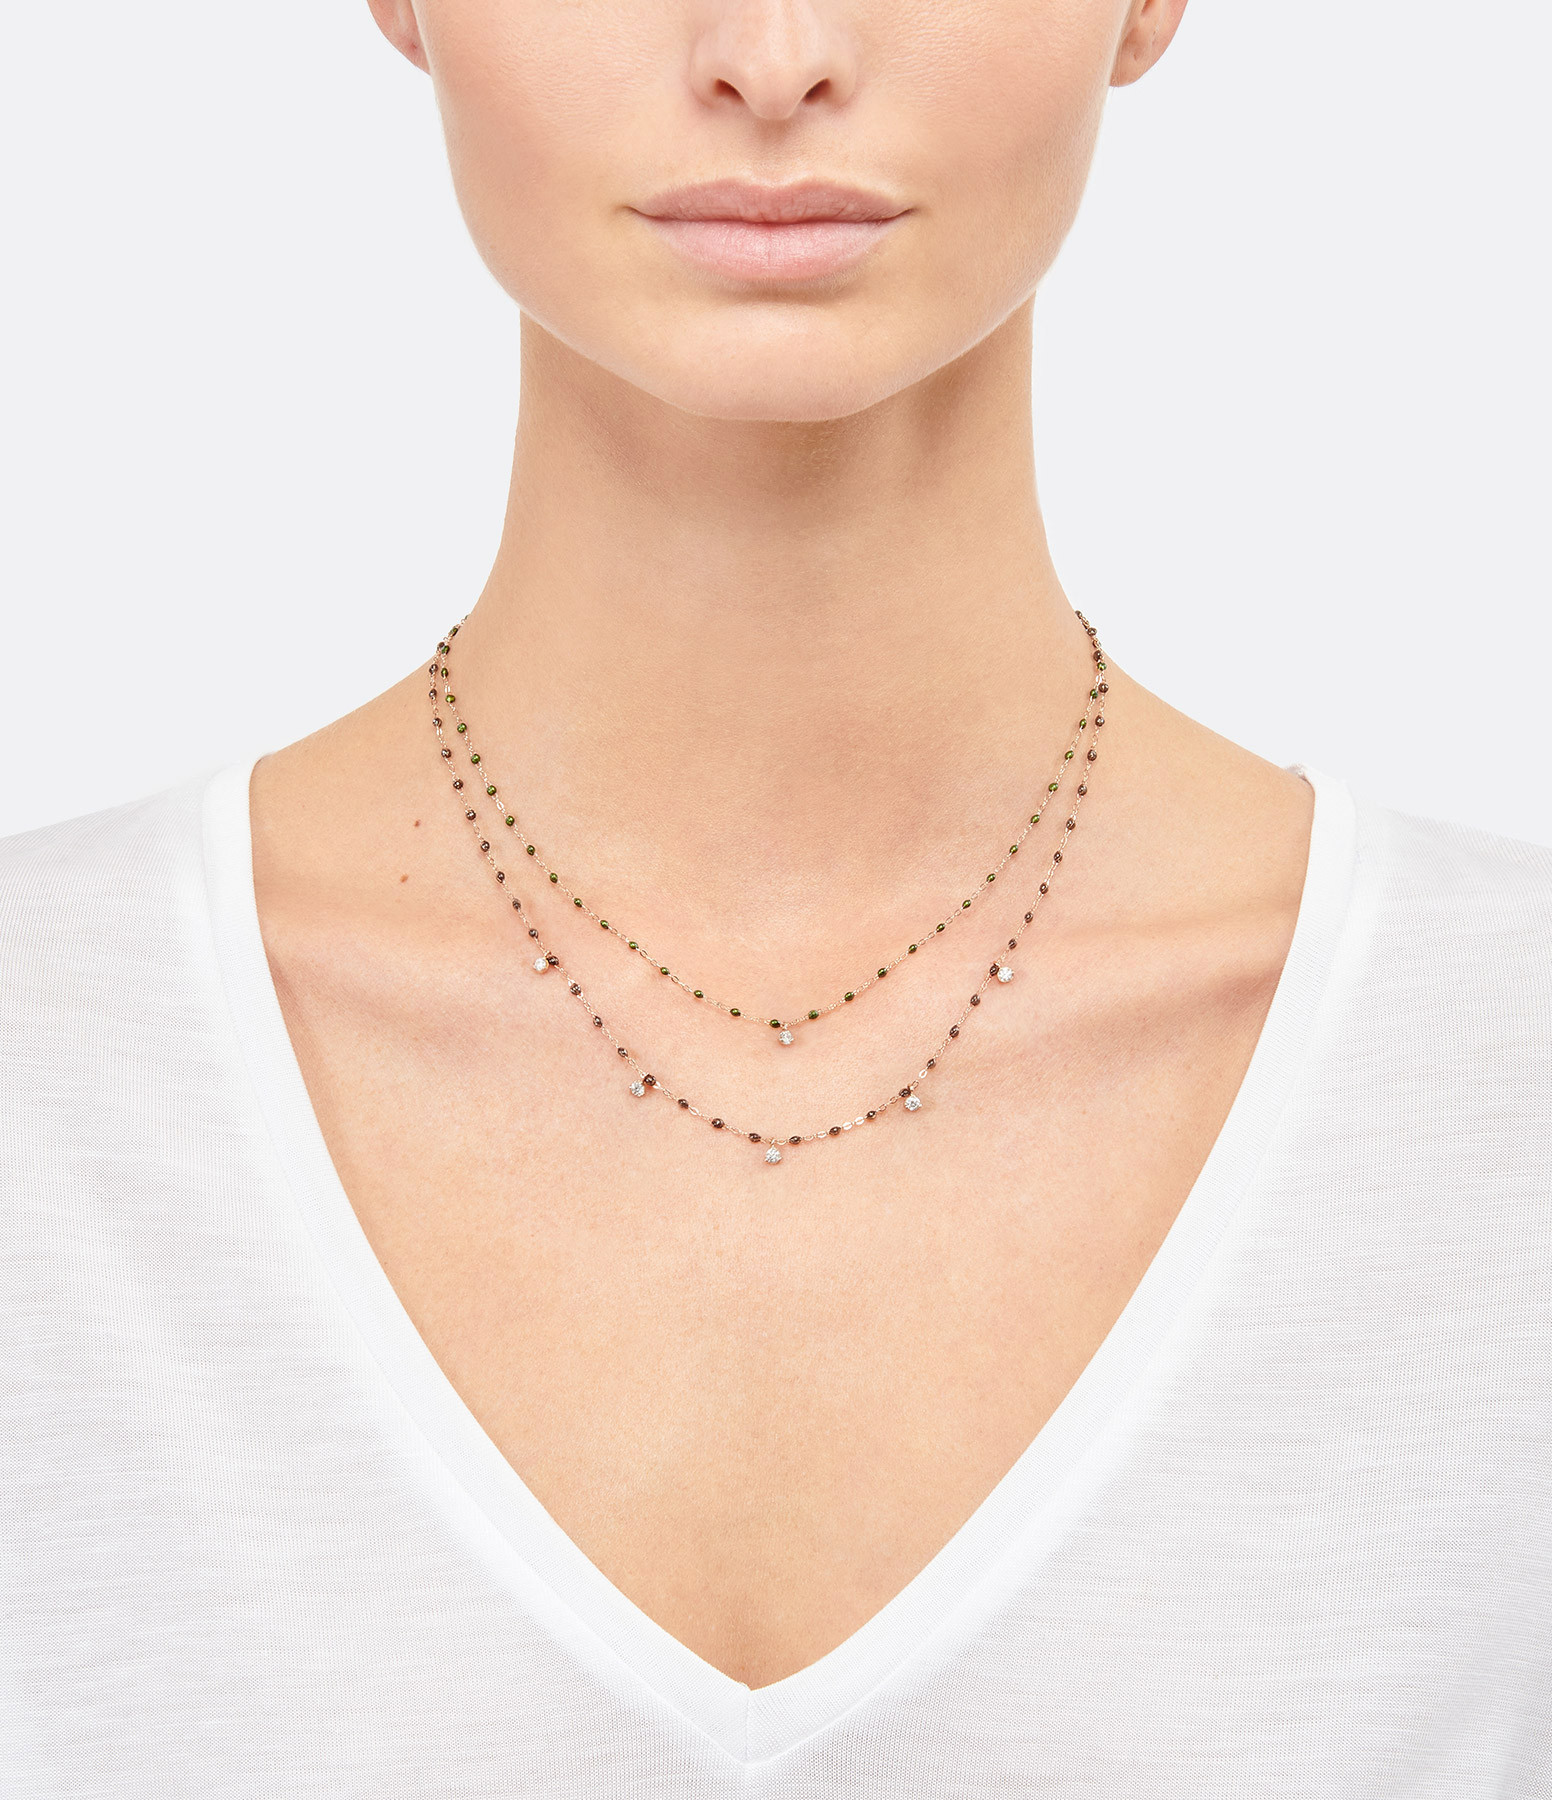 GIGI CLOZEAU - Collier résine Gigi Suprême 1 Diamant Or gris